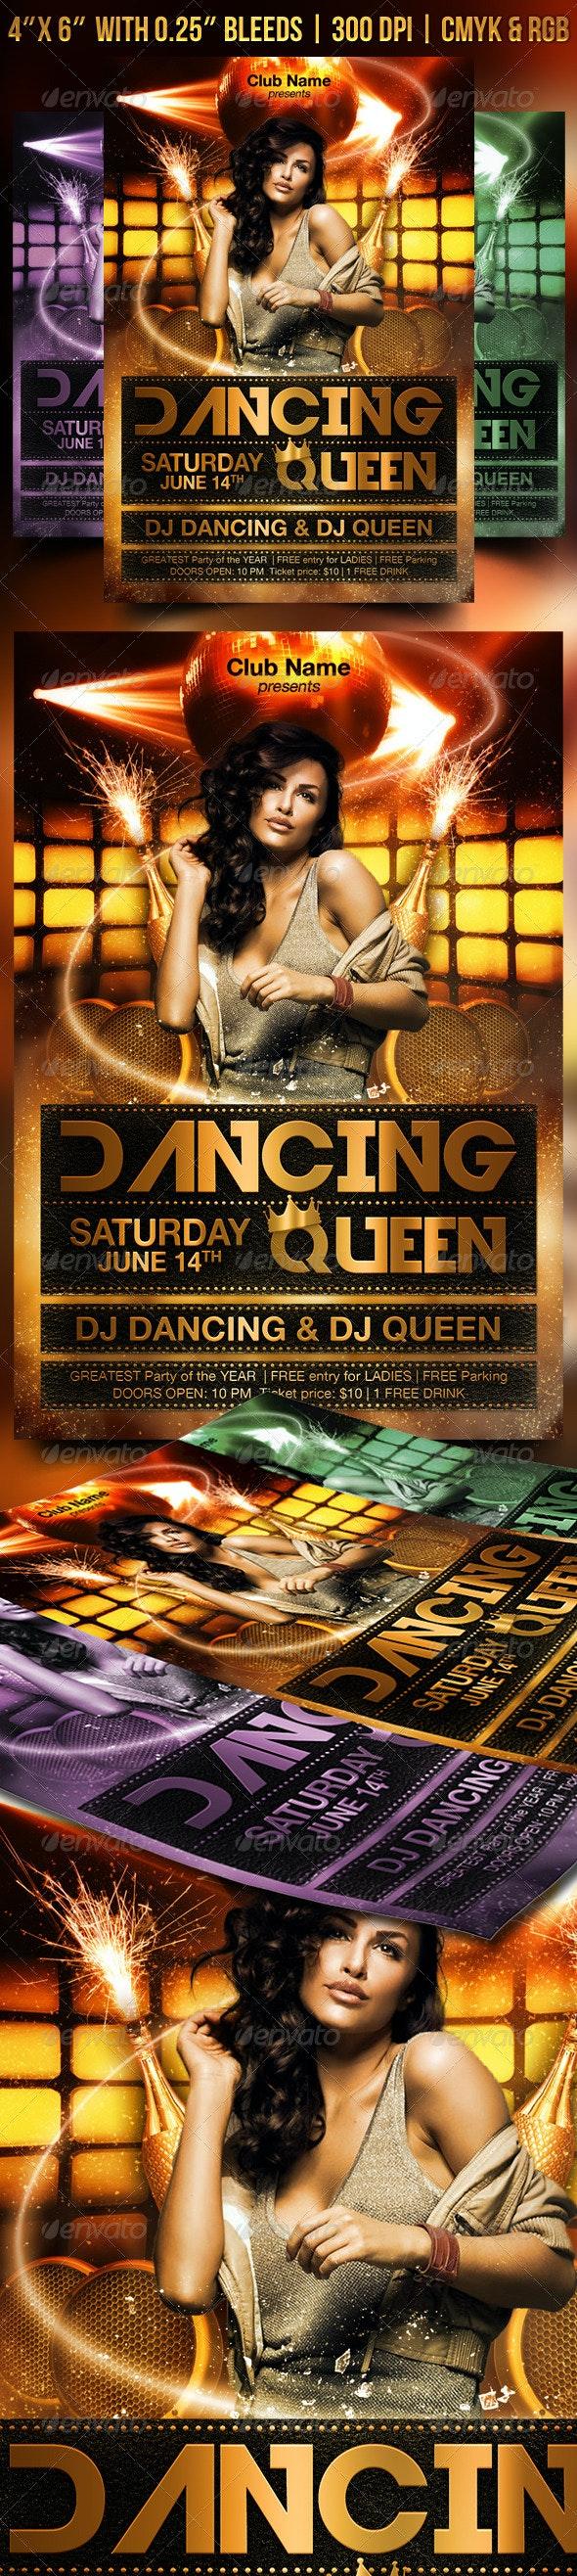 Dancing Queen Flyer - Clubs & Parties Events